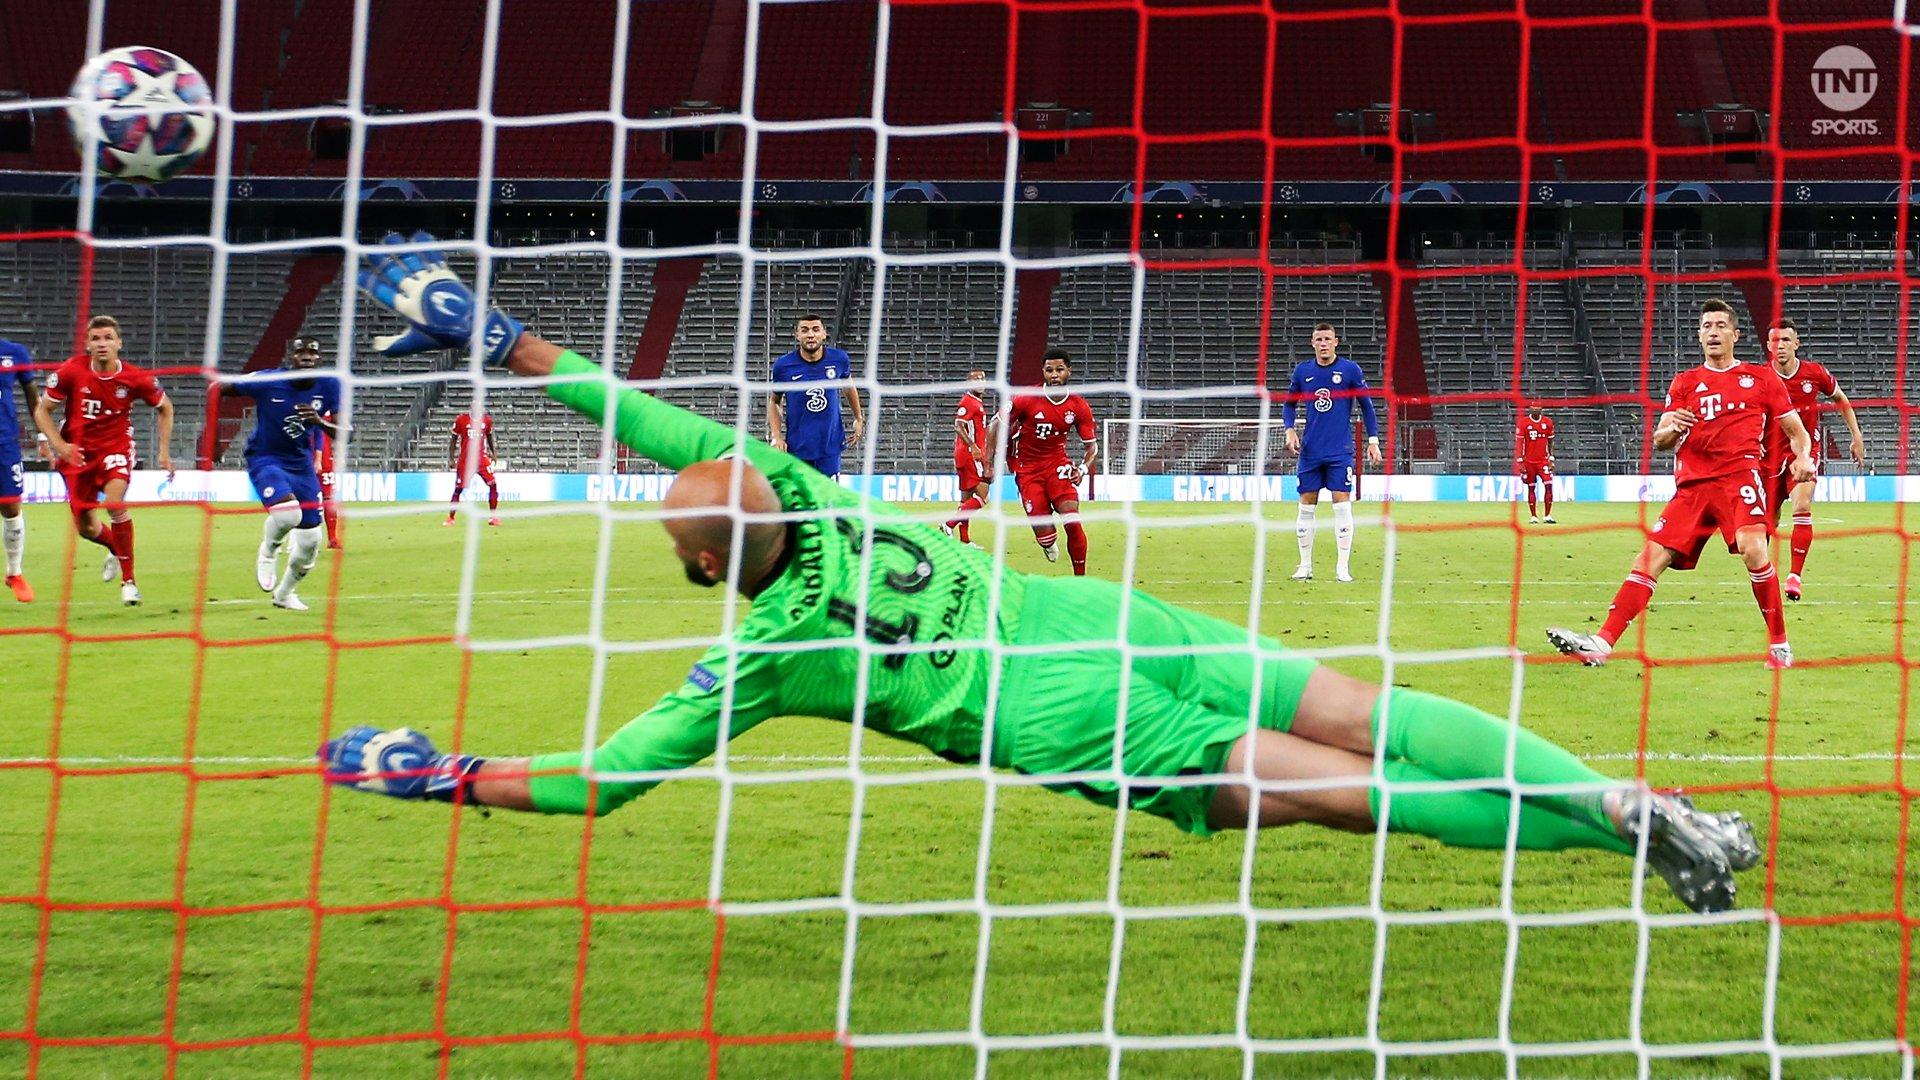 卡瓦列罗:拜仁应该进入下一轮,这场比赛没什么好遗憾的